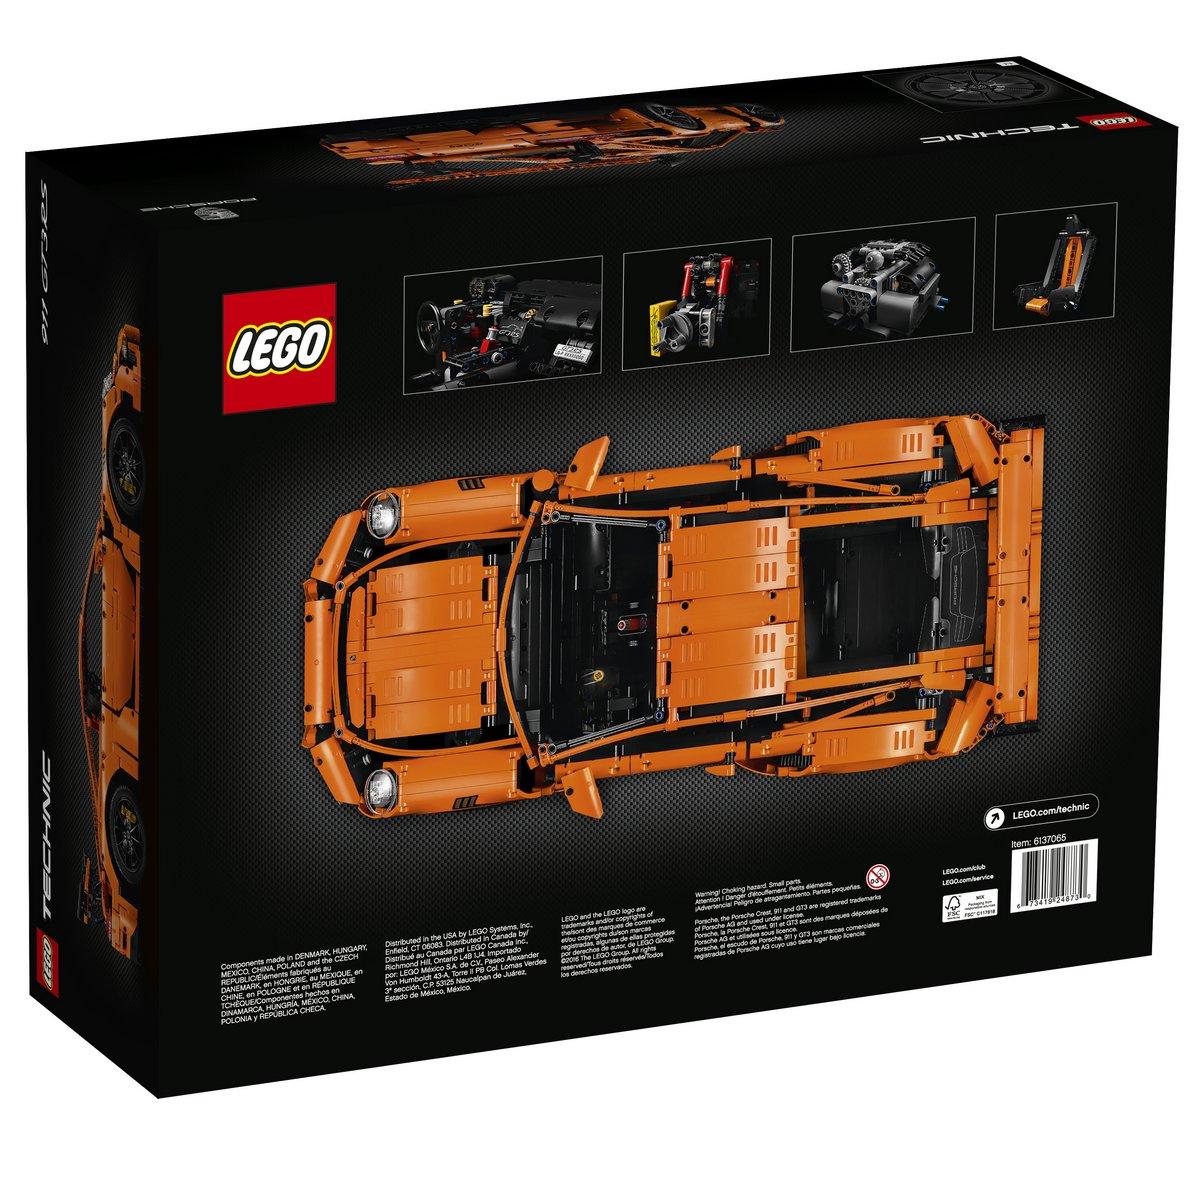 LEGO Technic Set 42056 Porsche 911 GT3 RS Box Back View